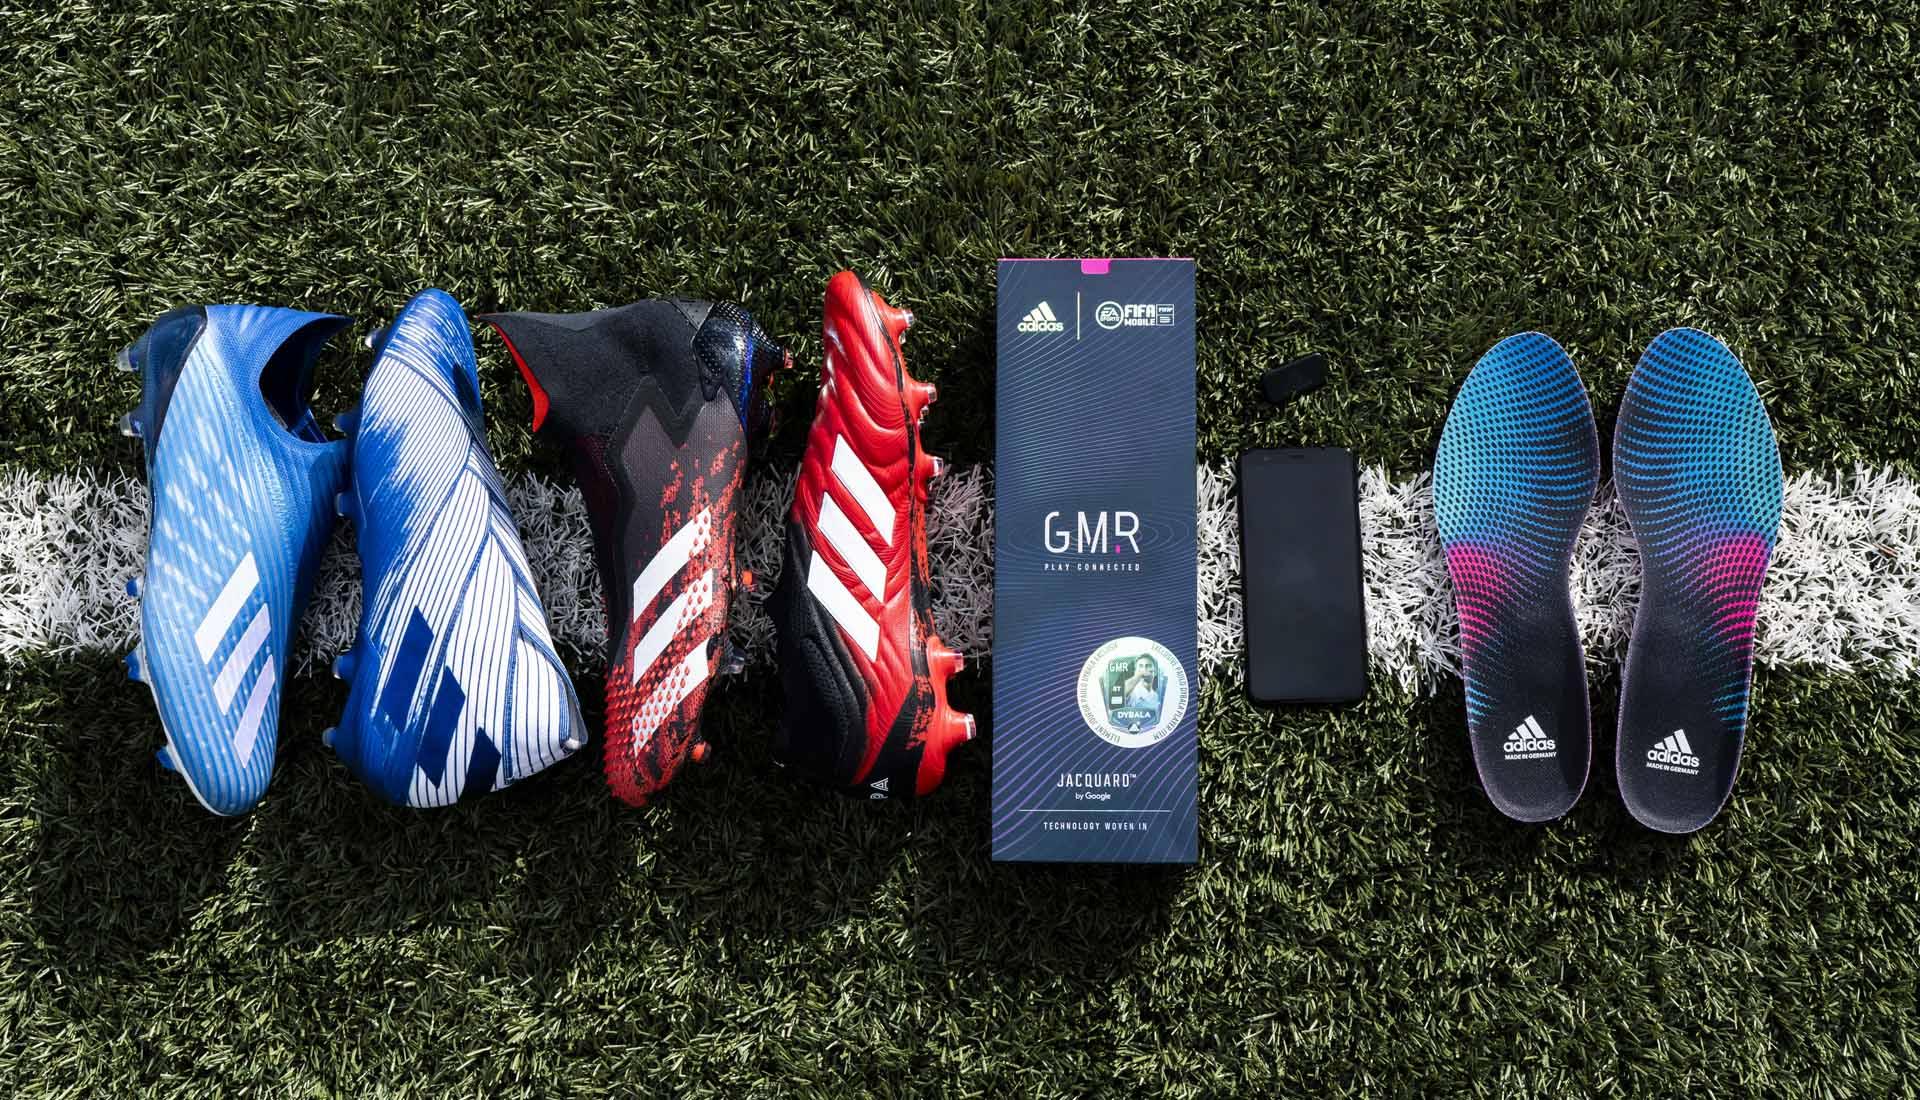 Adidas đã sản xuất phiên bản không dây cho tất cả các dòng giày đá bóng của mình